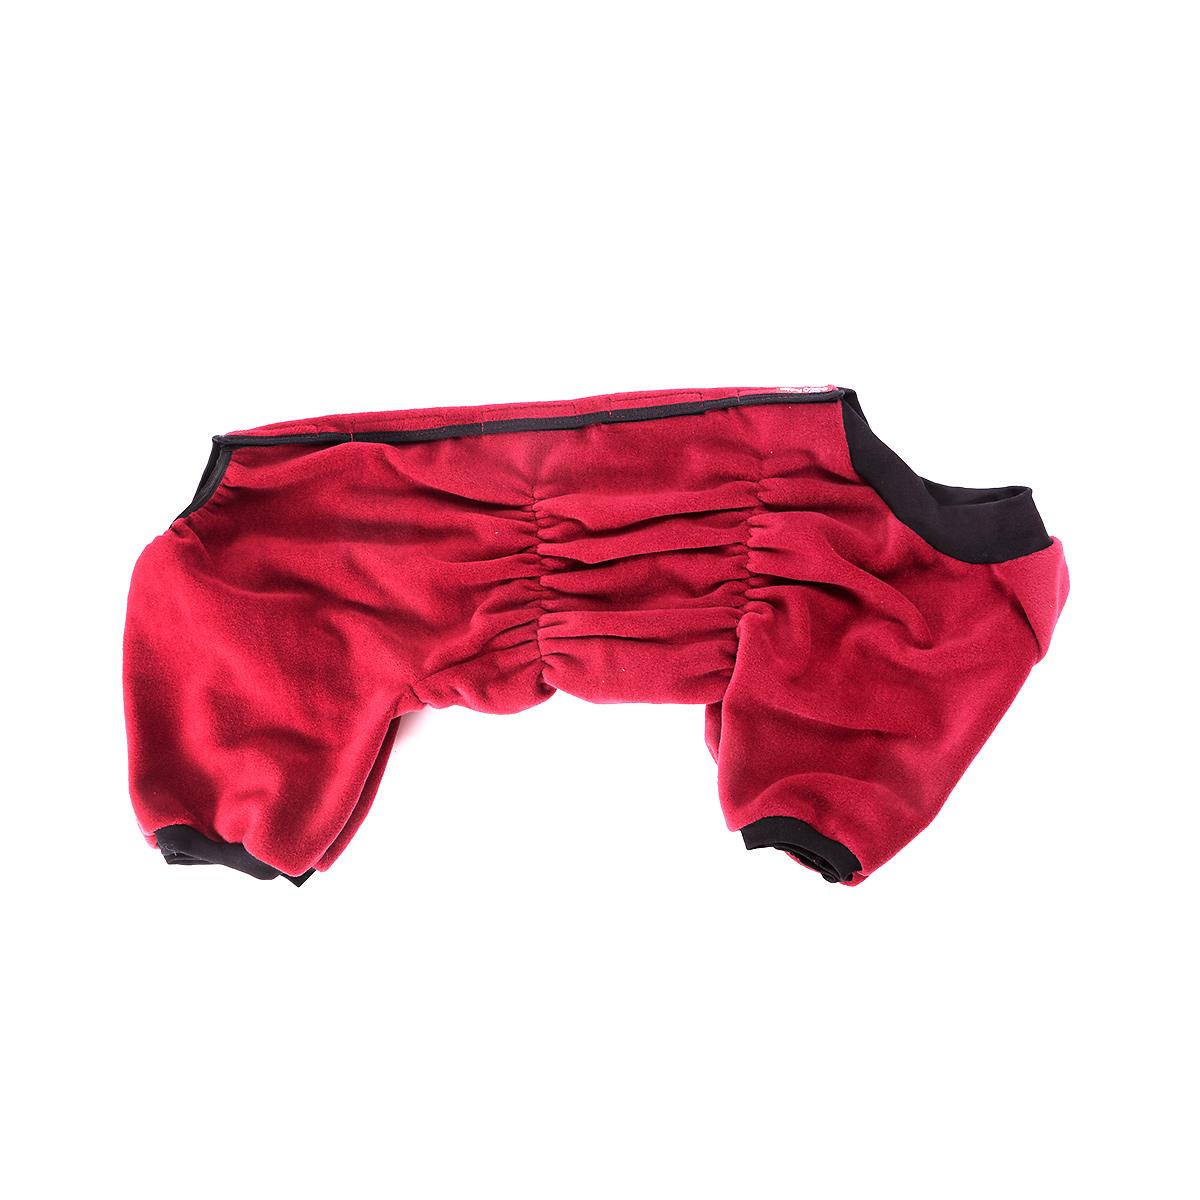 Комбинезон для собак OSSO Fashion, для девочки, цвет: бордовый. Размер 60Кф-1021Комбинезон для собак OSSO Fashion выполнен из флиса. Комфортная посадка по корпусу достигается за счет резинок-утяжек под грудью и животом. На воротнике имеются завязки, для дополнительной фиксации. Можно носить самостоятельно и как поддевку под комбинезон для собак. Изделие отлично стирается, быстро сохнет.Длина спинки: 60 см. Объем груди: 68-100 см.Одежда для собак: нужна ли она и как её выбрать. Статья OZON Гид